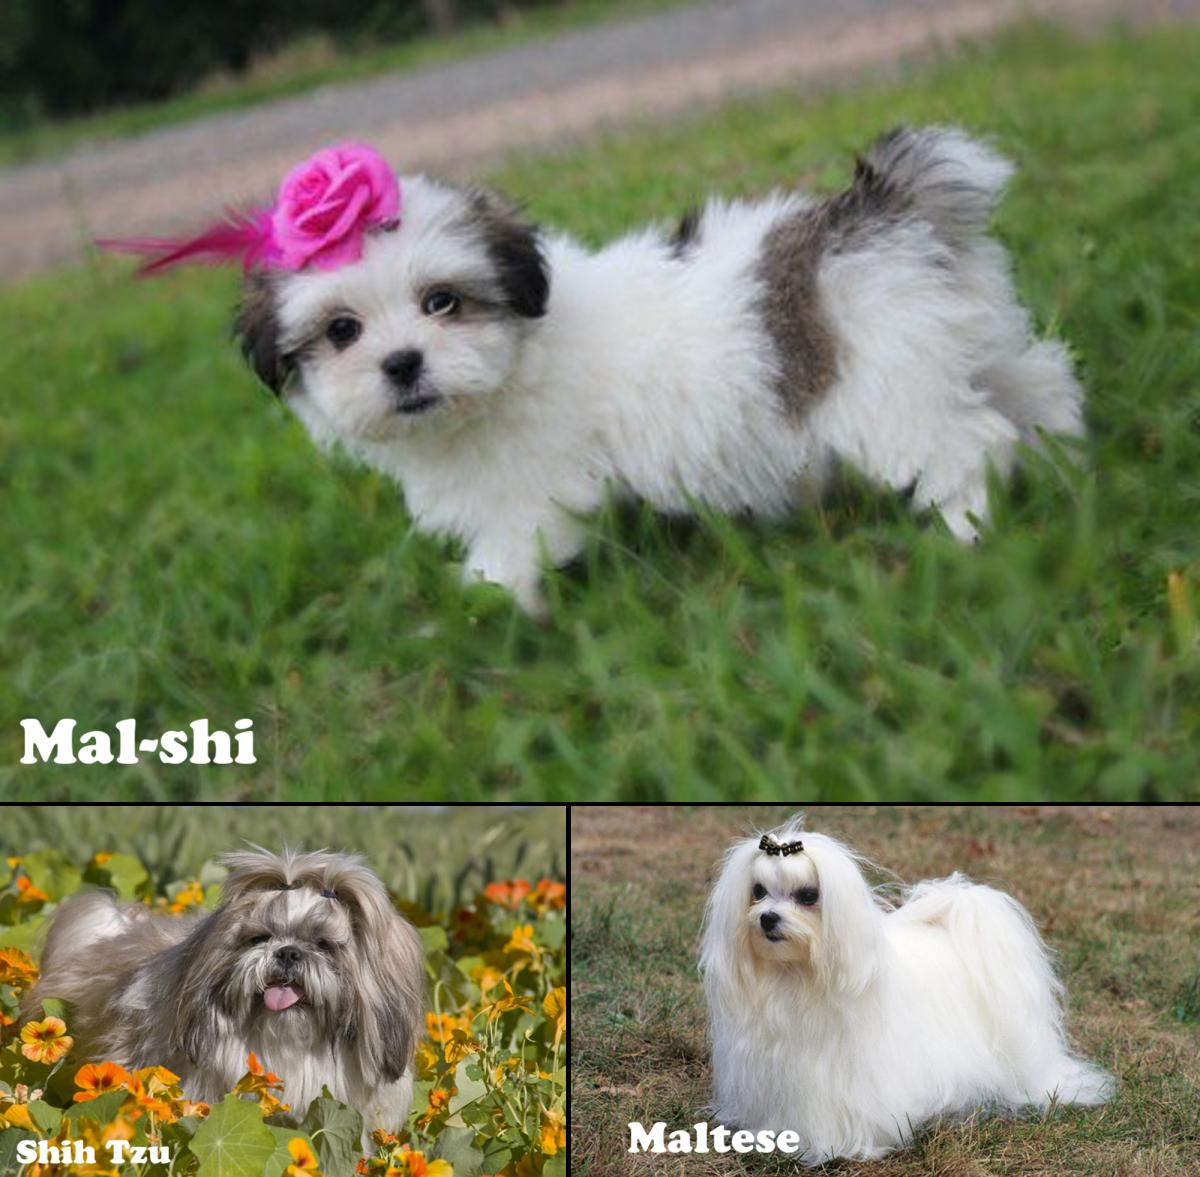 Mal-shi, (Maltese / Shih Tzu mix)